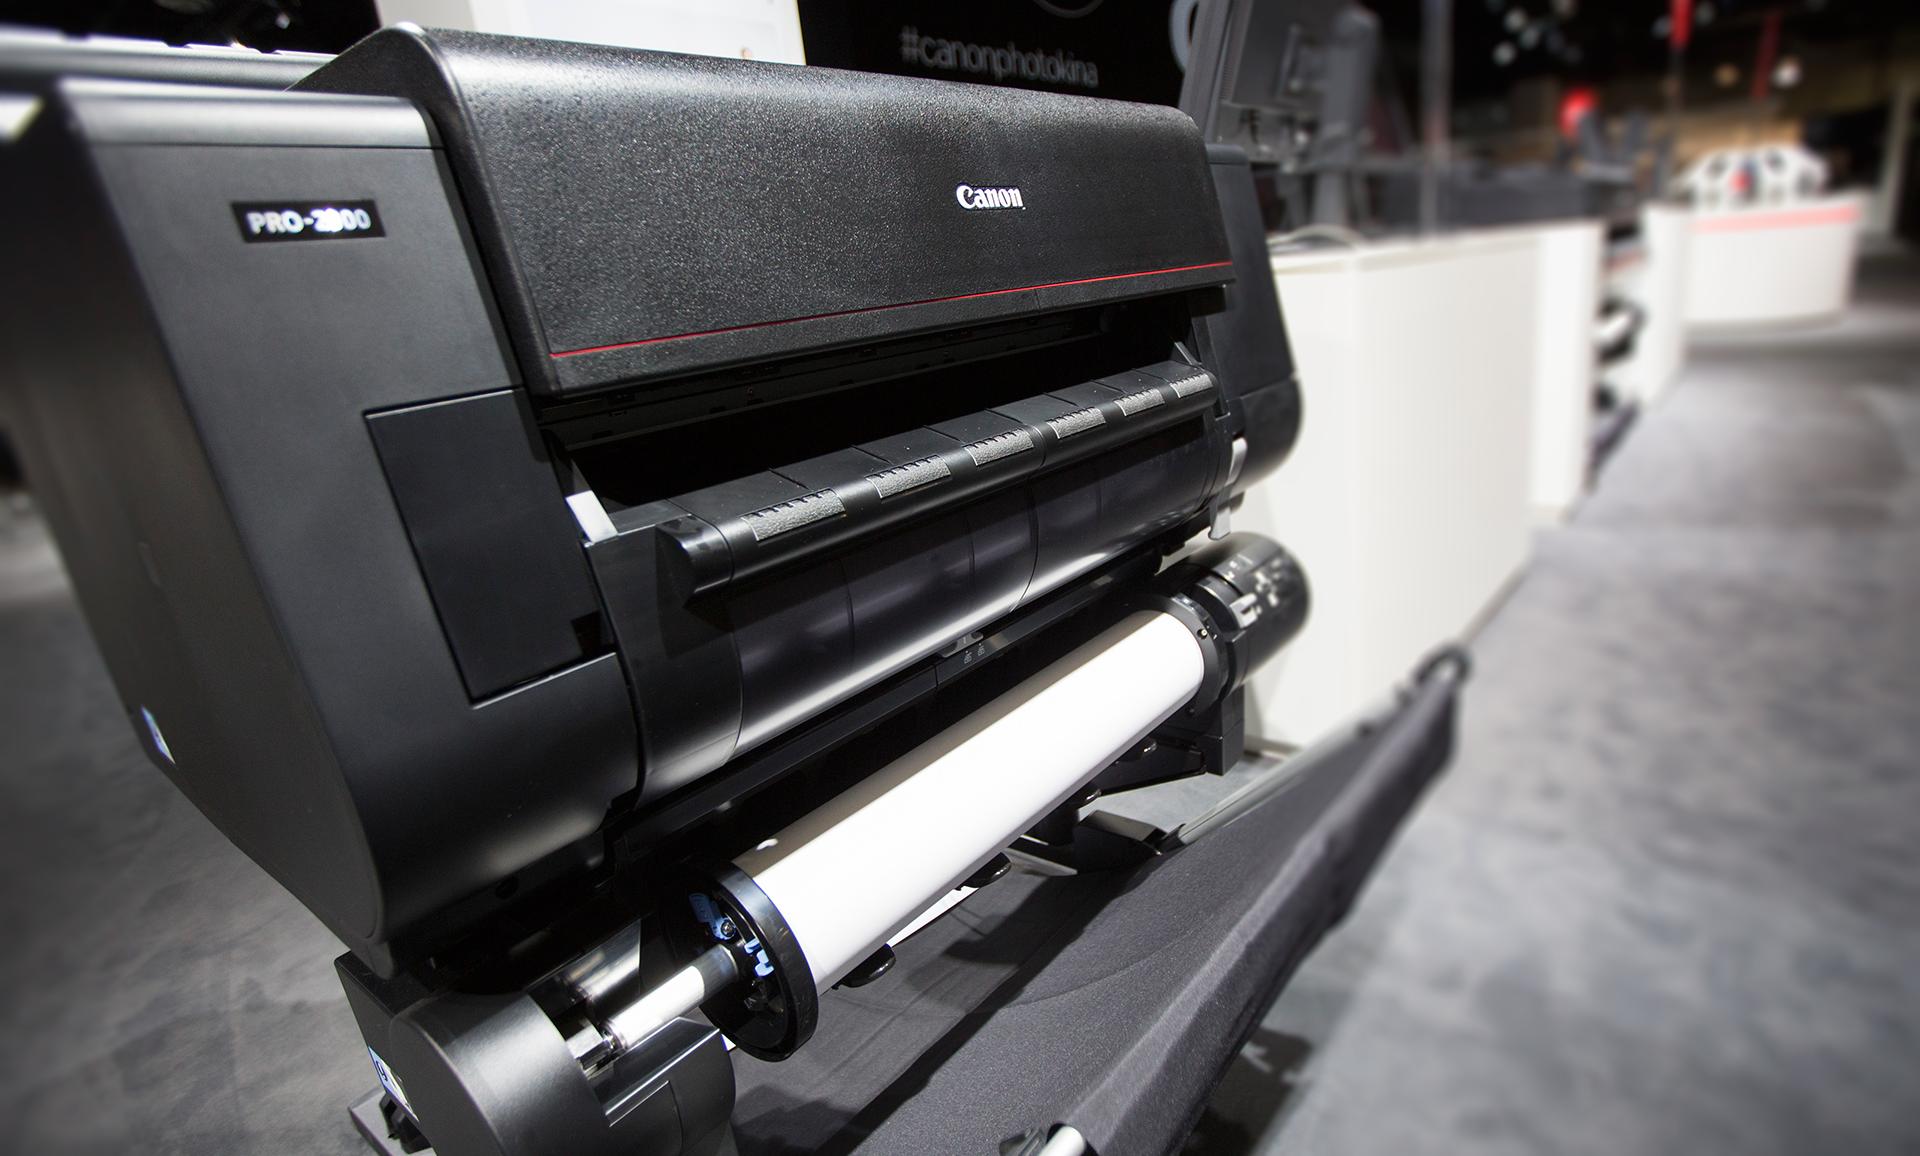 Тонкая красная линия: обзор широкоформатного принтера Canon imagePROGRAF PRO-2000 - 1